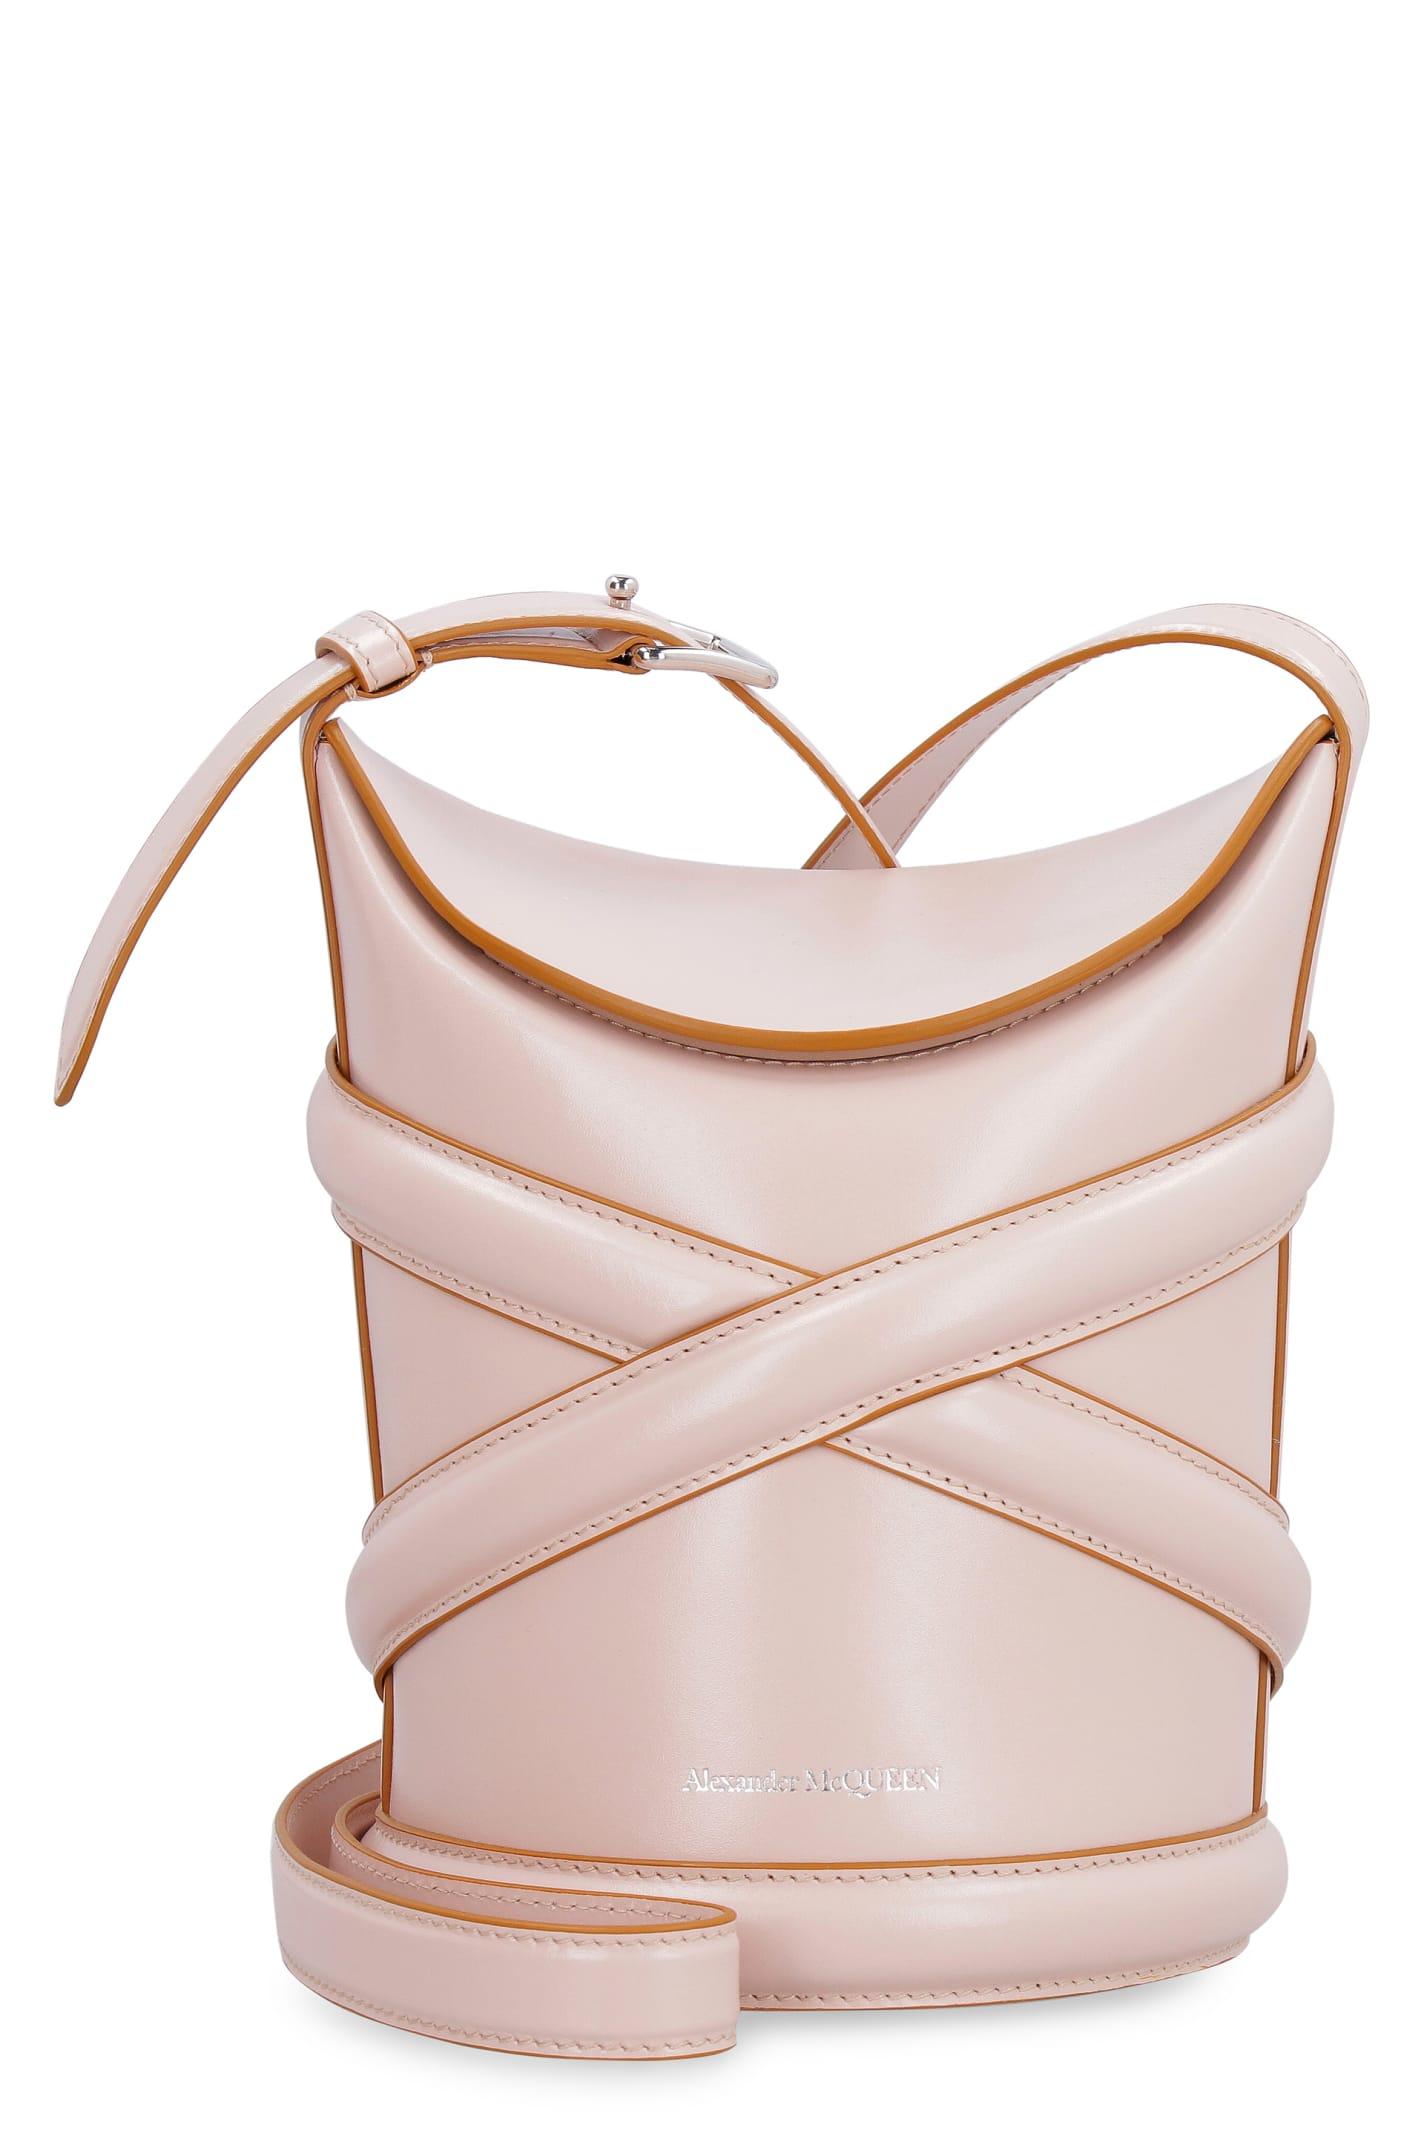 Alexander Mcqueen Leather Bucket Bag In Pink